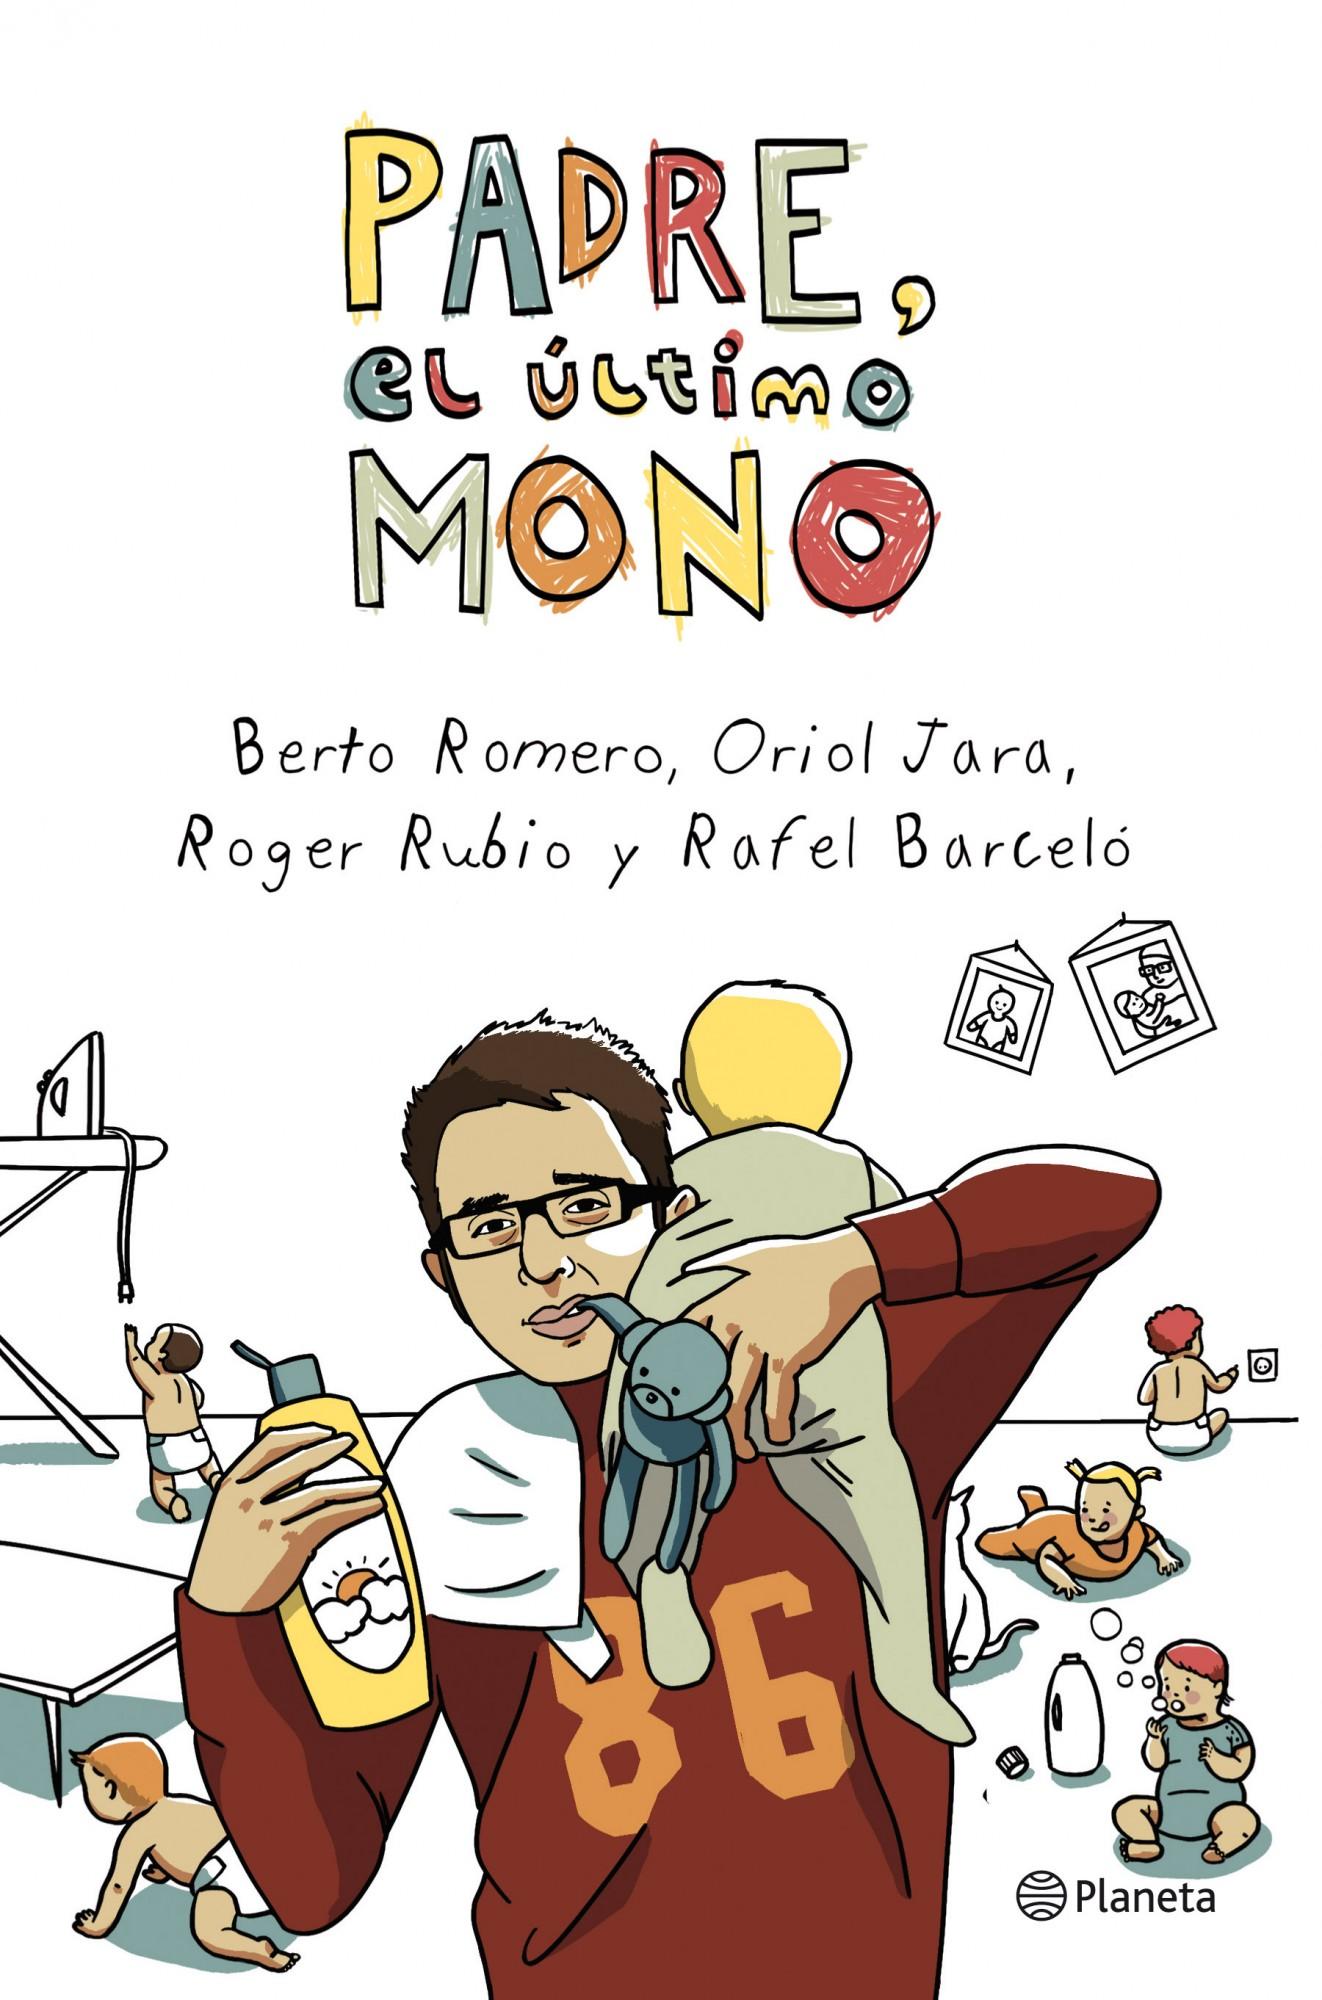 Padre, El Ultimo Mono por Berto Romero